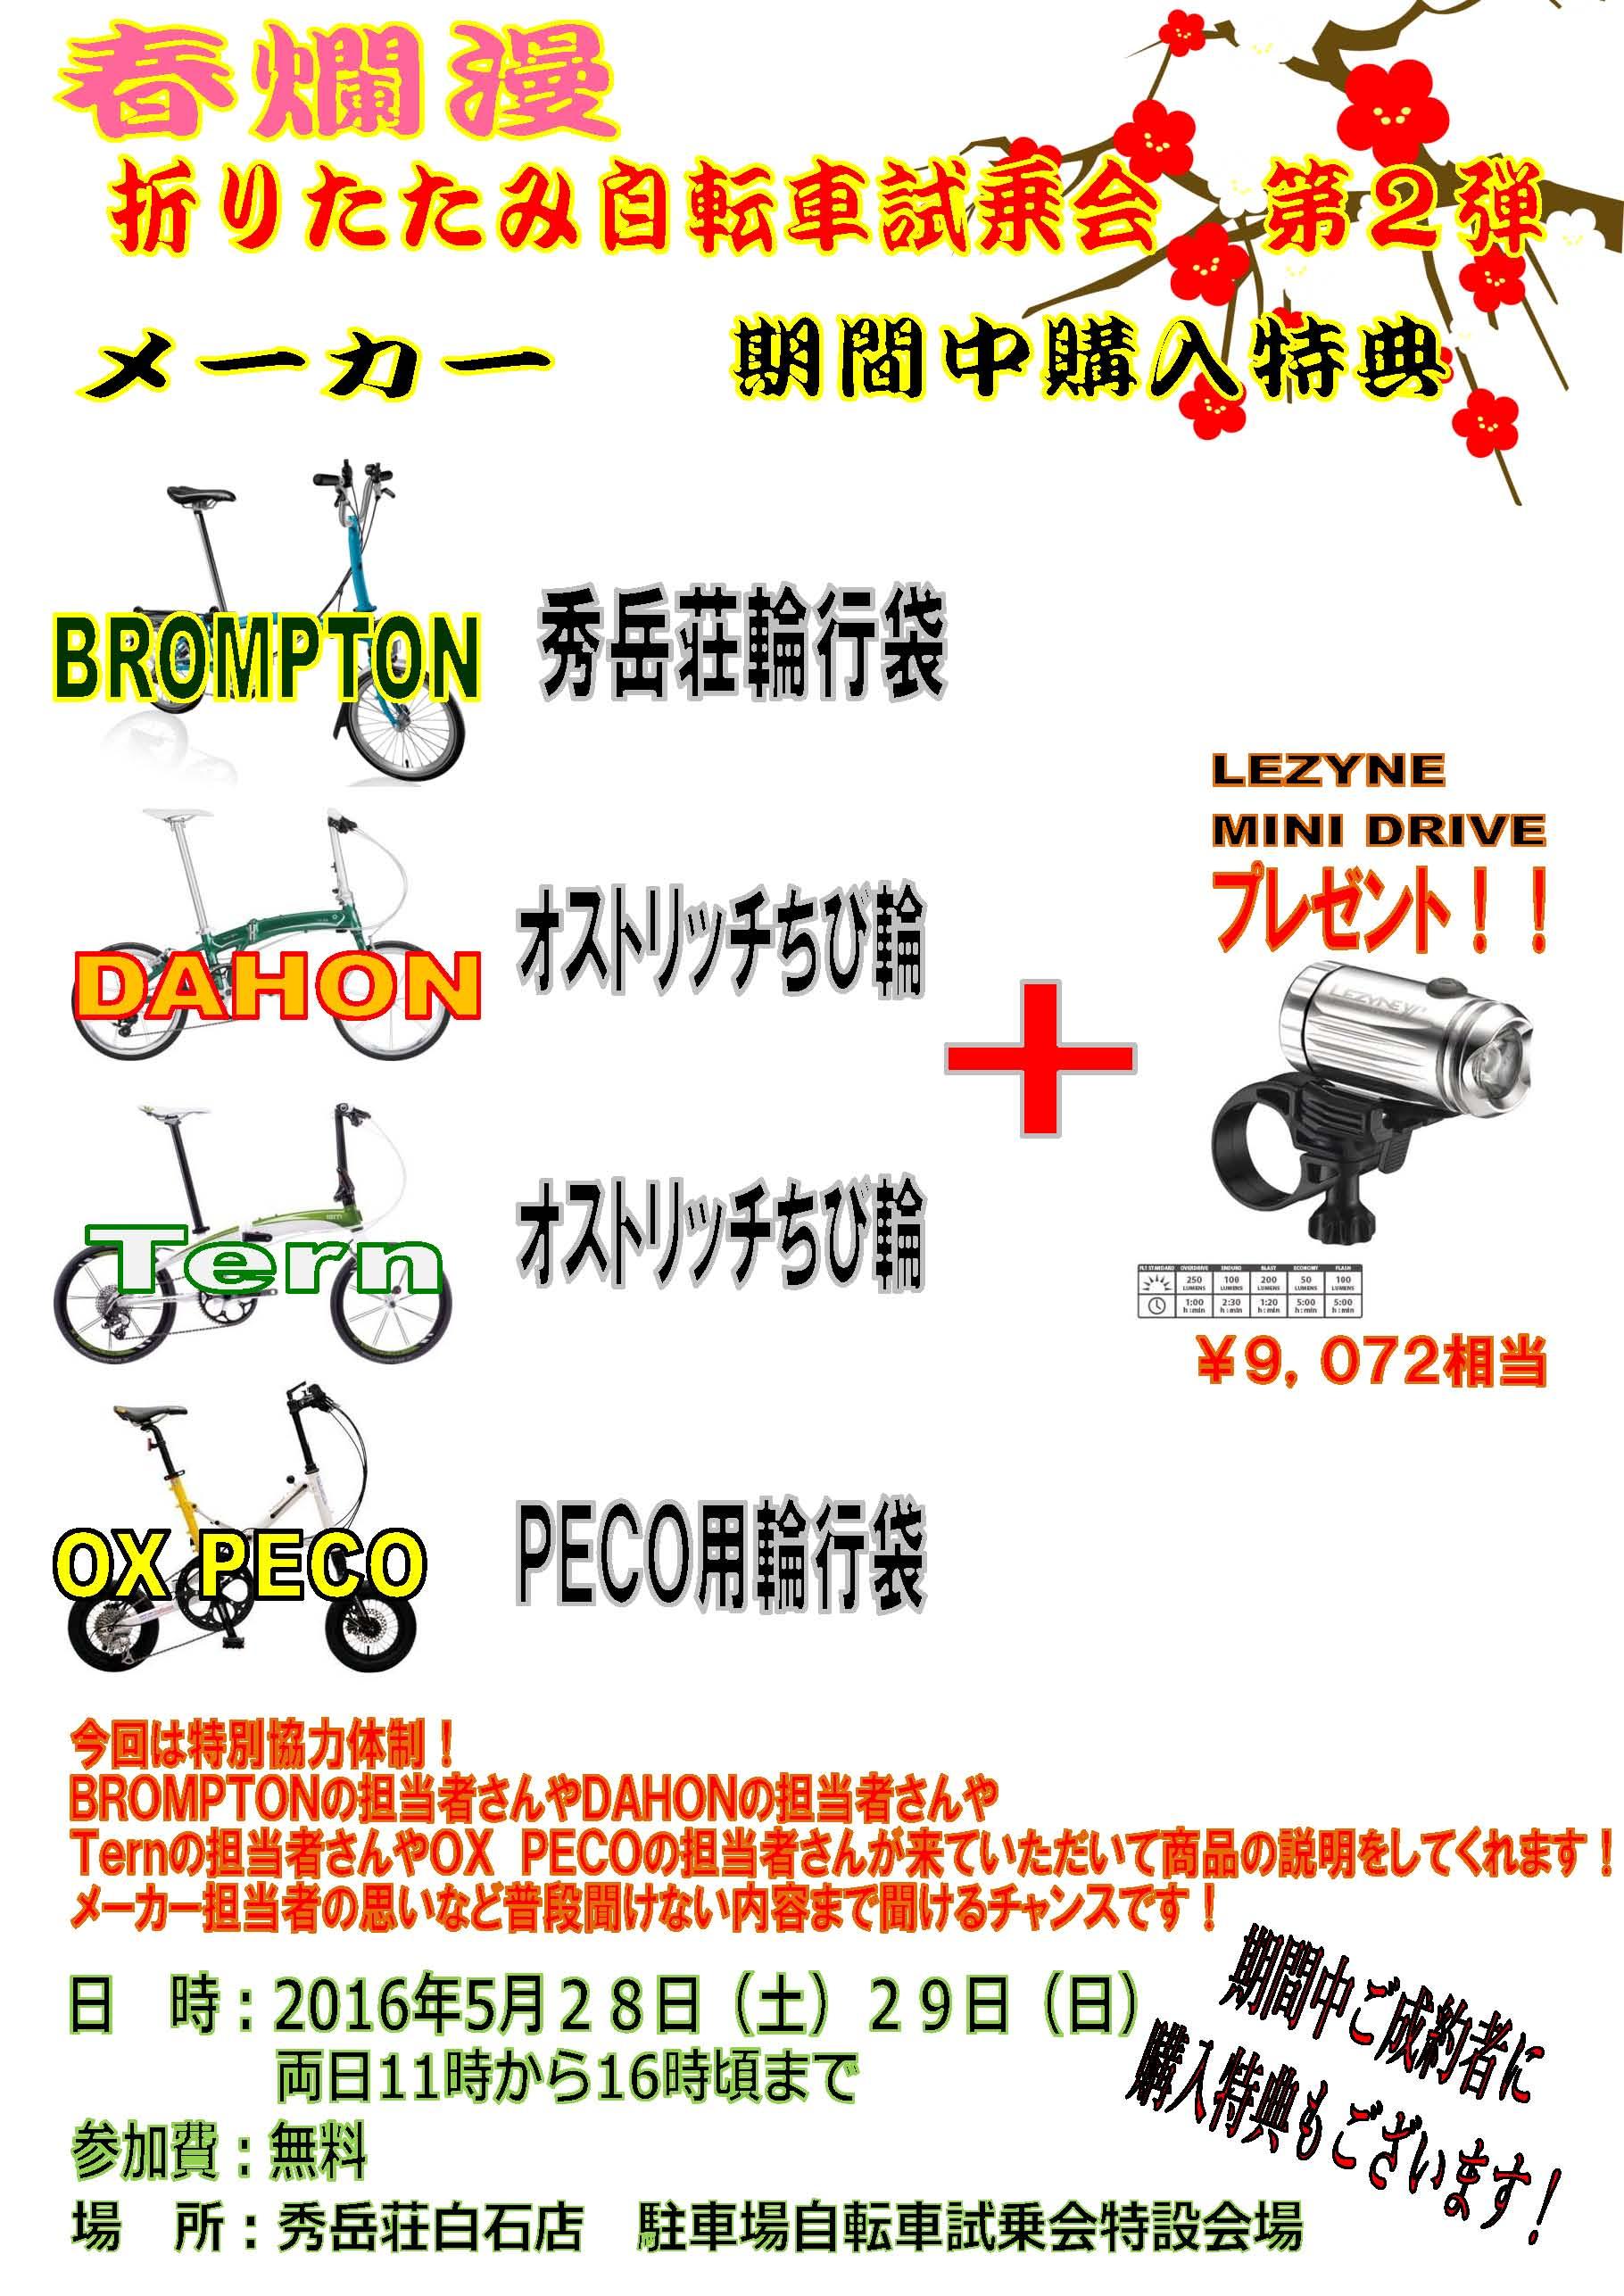 春の折り畳み自転車試乗会 第2弾!!_d0197762_1624632.jpg